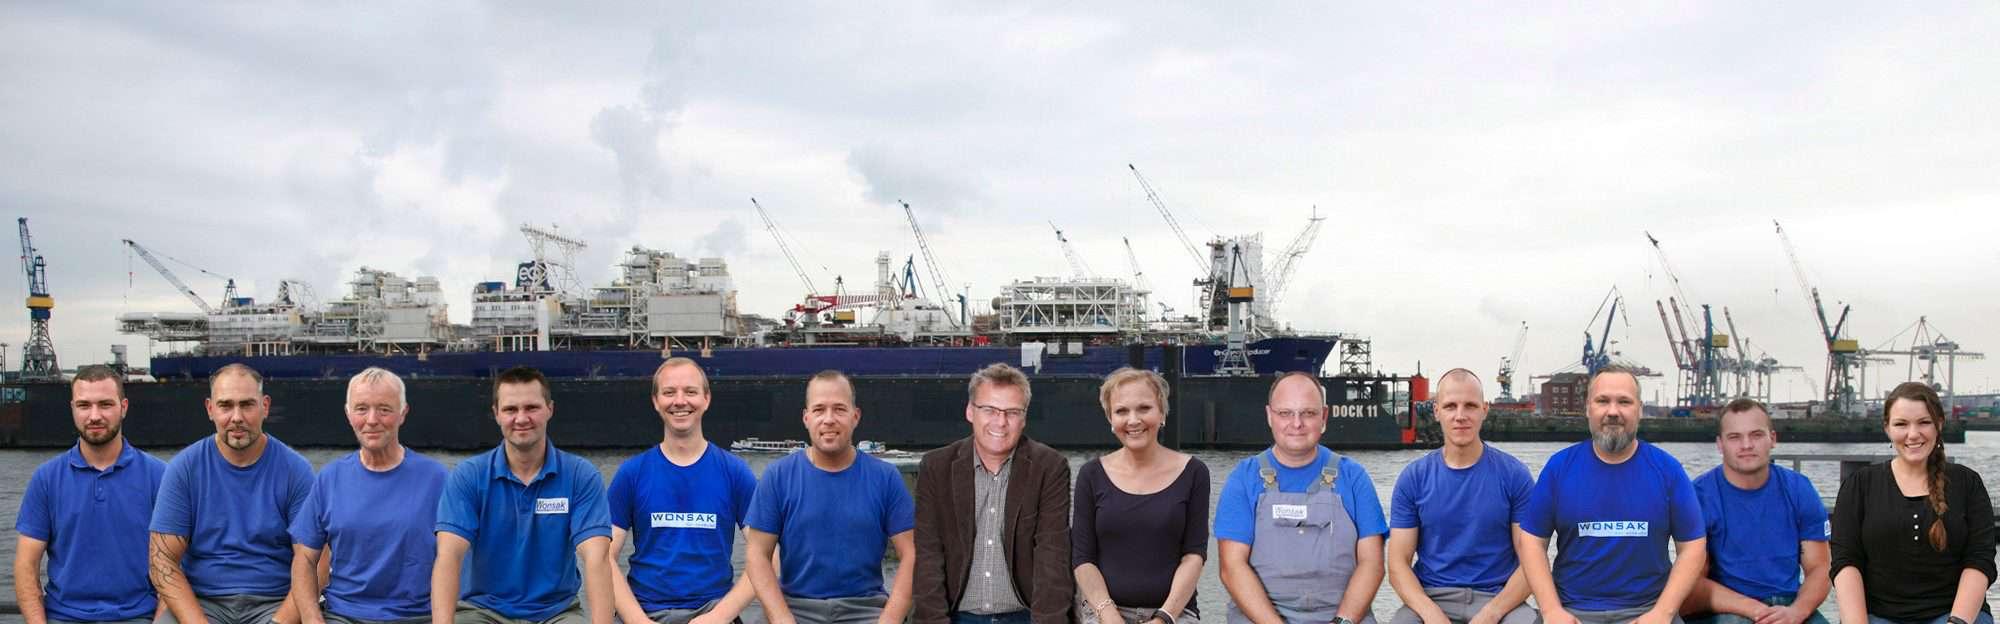 Willkommen bei Wonsak 100% Hamburg am Hafen 2018